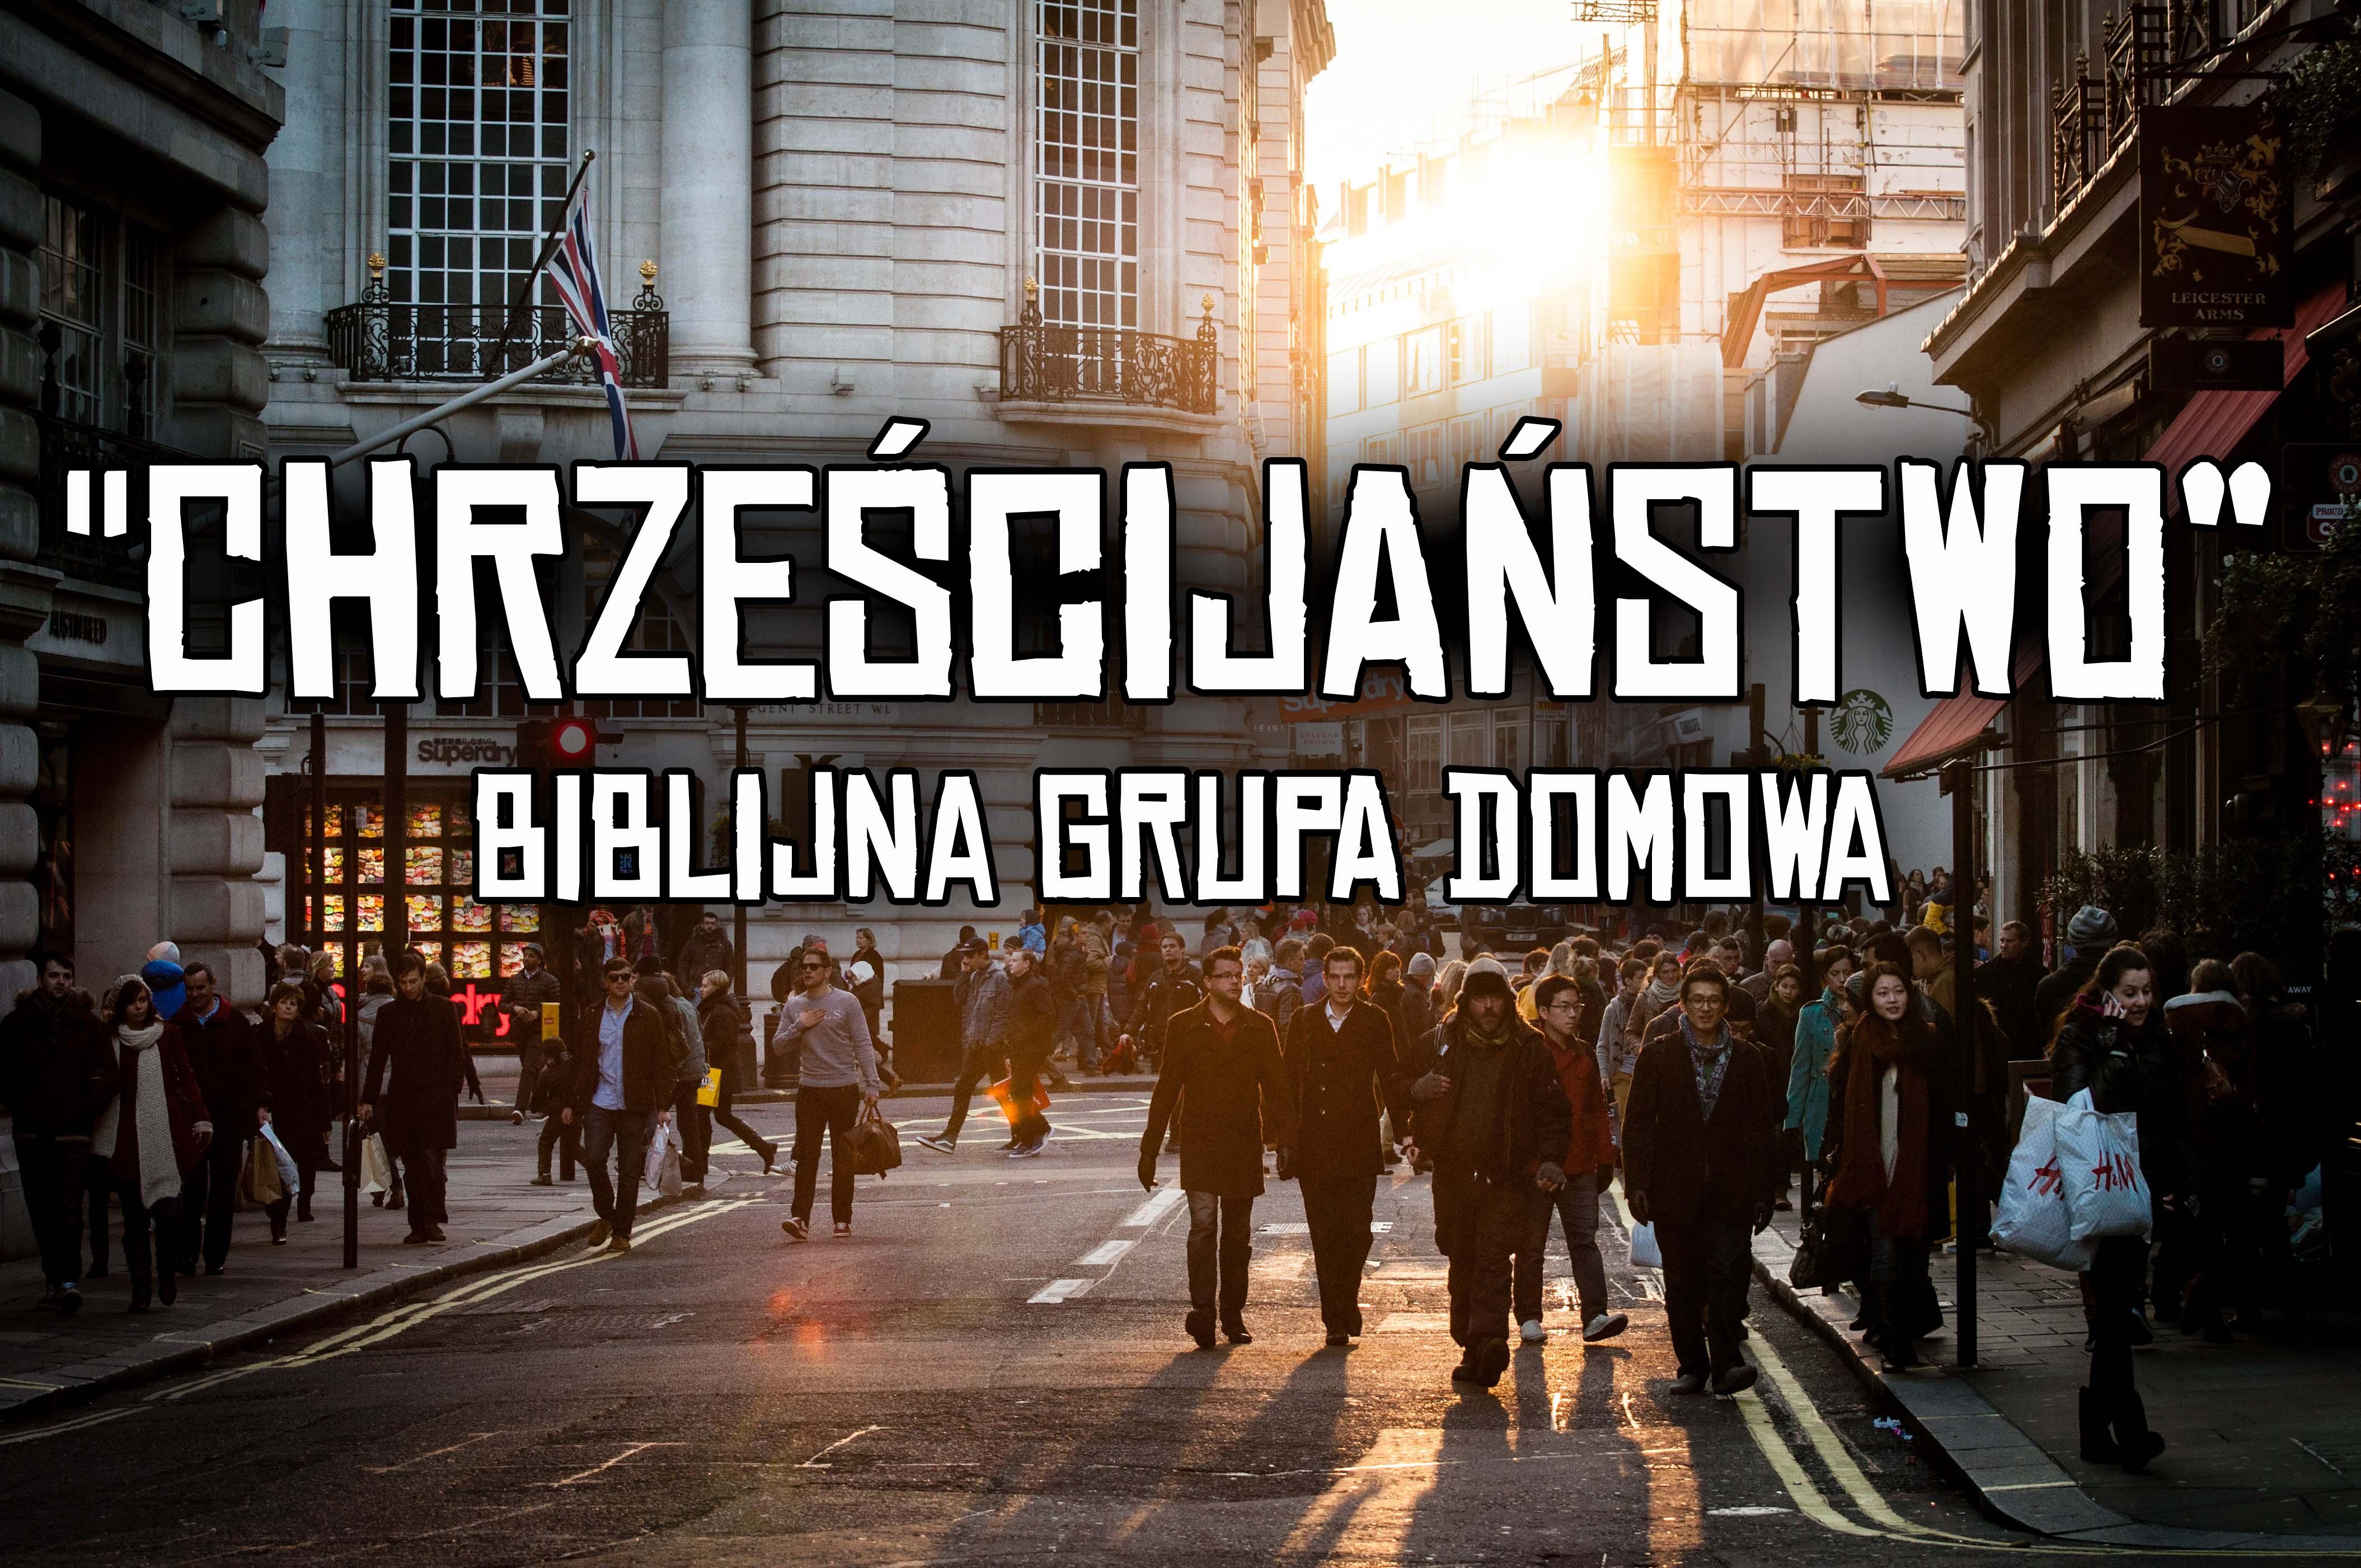 Chrześcijaństwo_Biblijna_Grupa_Domowa4